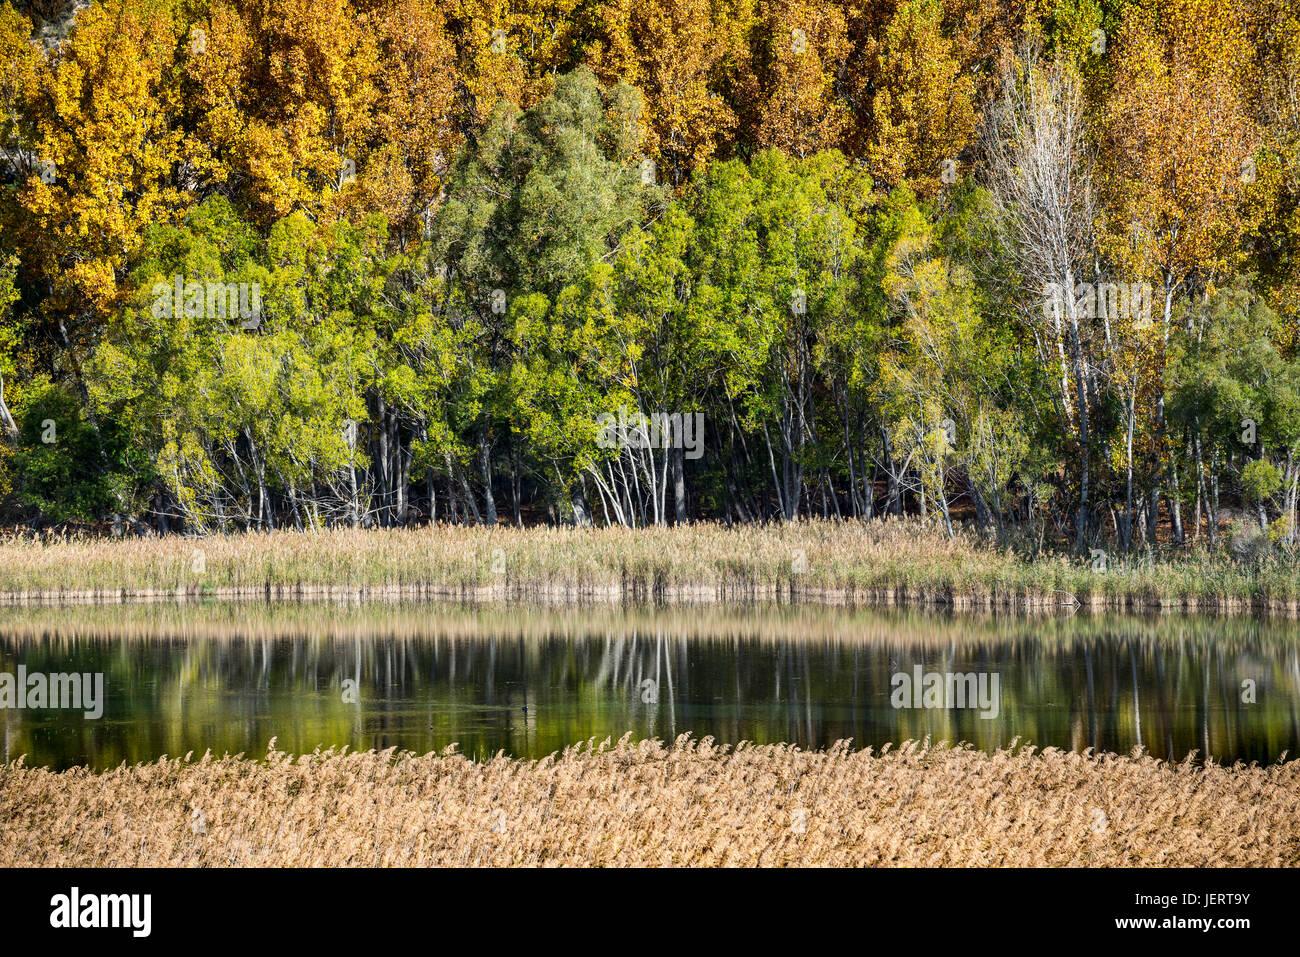 Looking across the lagoon at Una in Autumn, Serrania de Cuenca, Castilla-la mancha, Central Spain - Stock Image